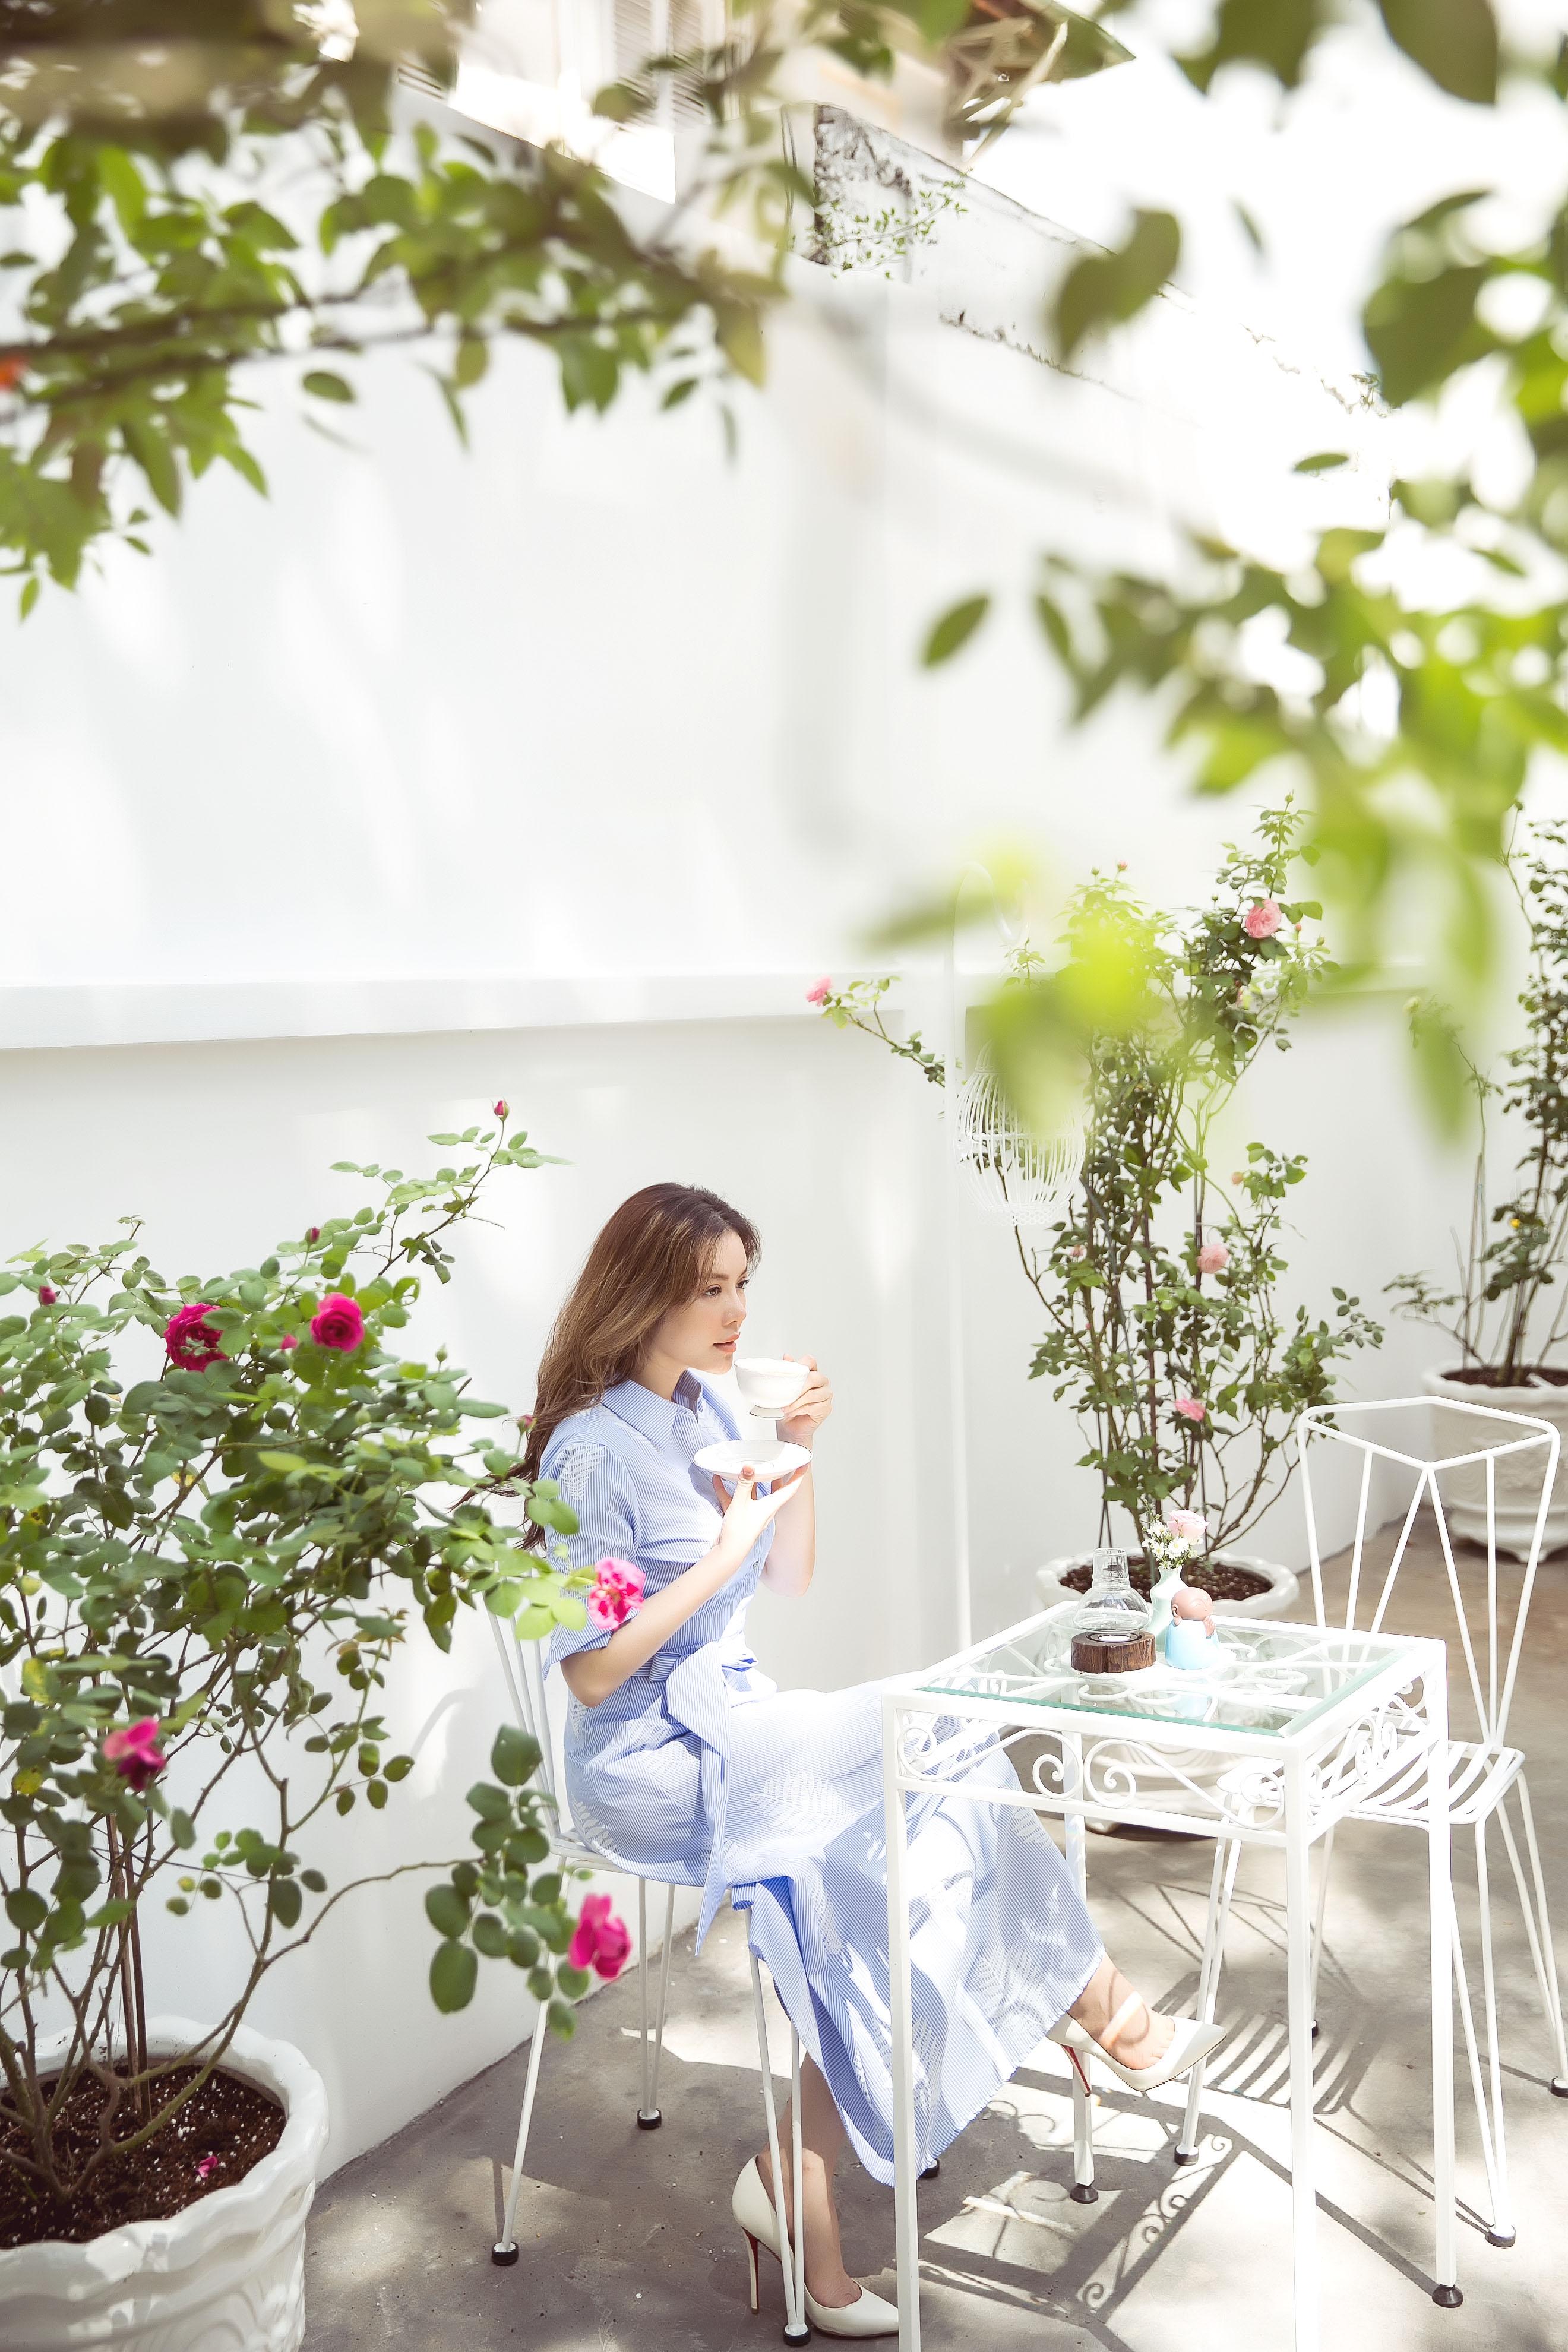 Hình ảnh Lãnh sự danh dự Lý Nhã Kỳ lãng mạn giữa vườn hồng số 1